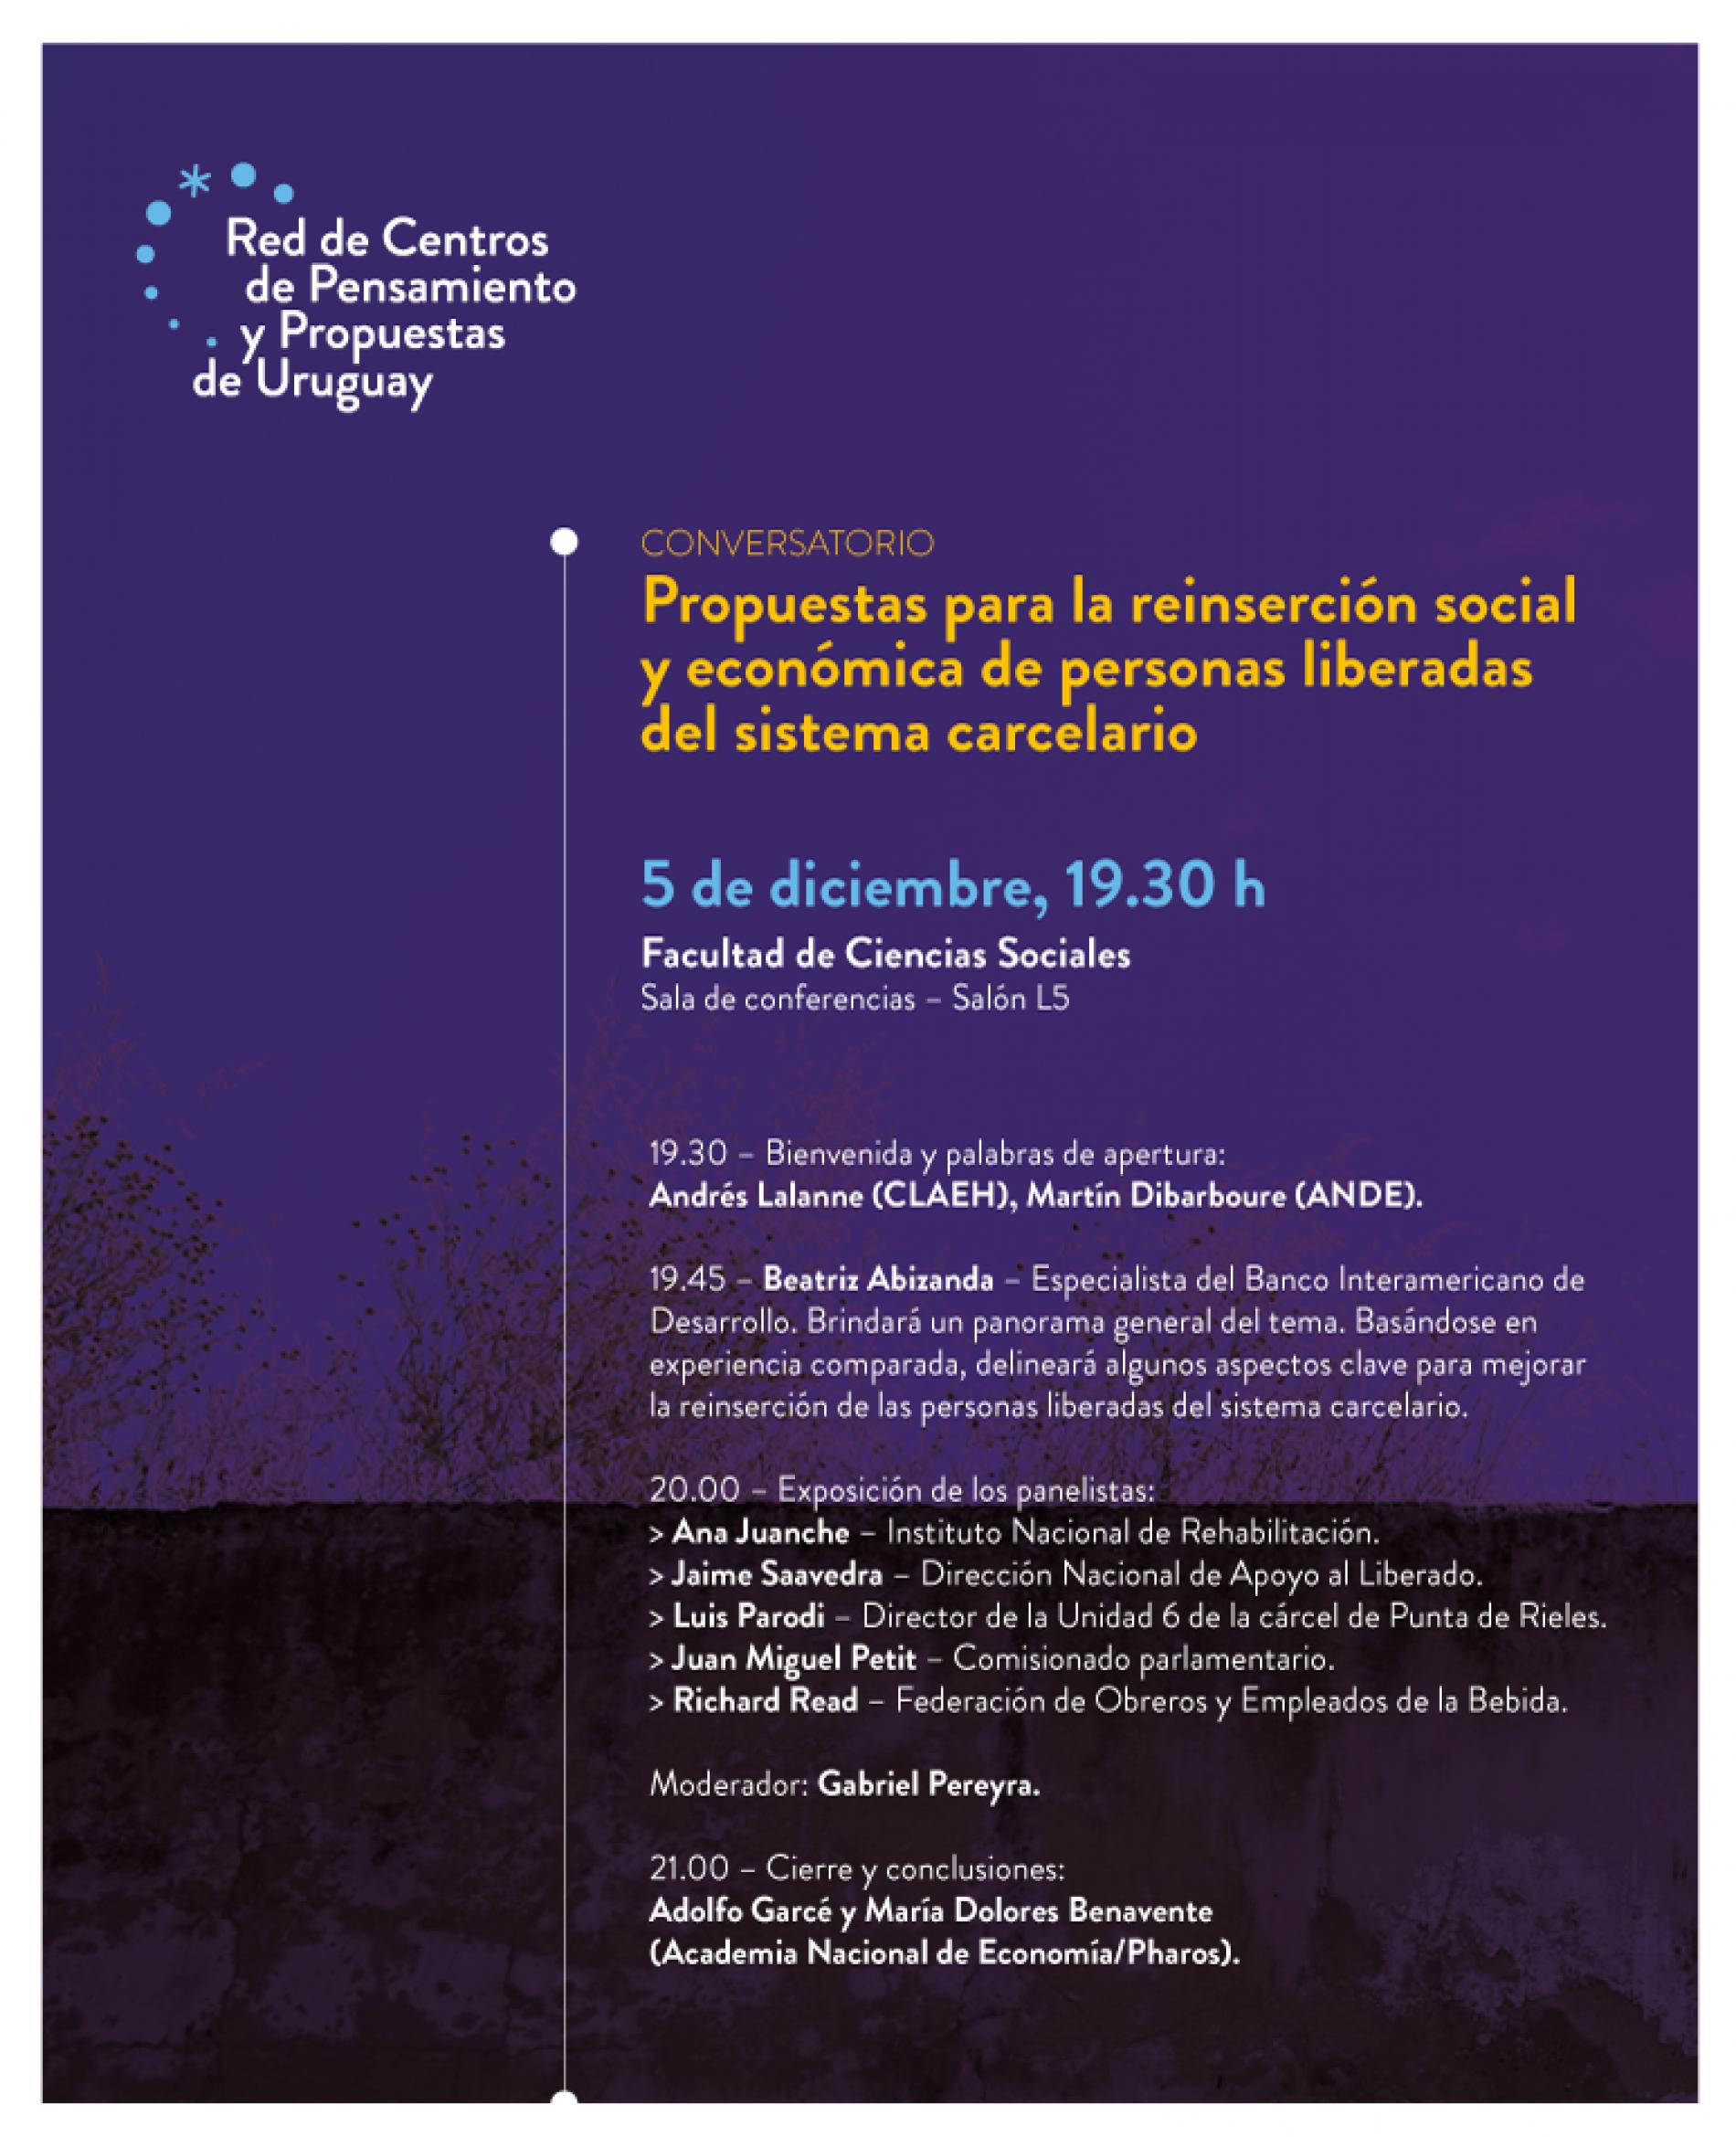 Conversatorio: Propuestas para la reinserción social y económica de personas liberadas del sistema carcelario